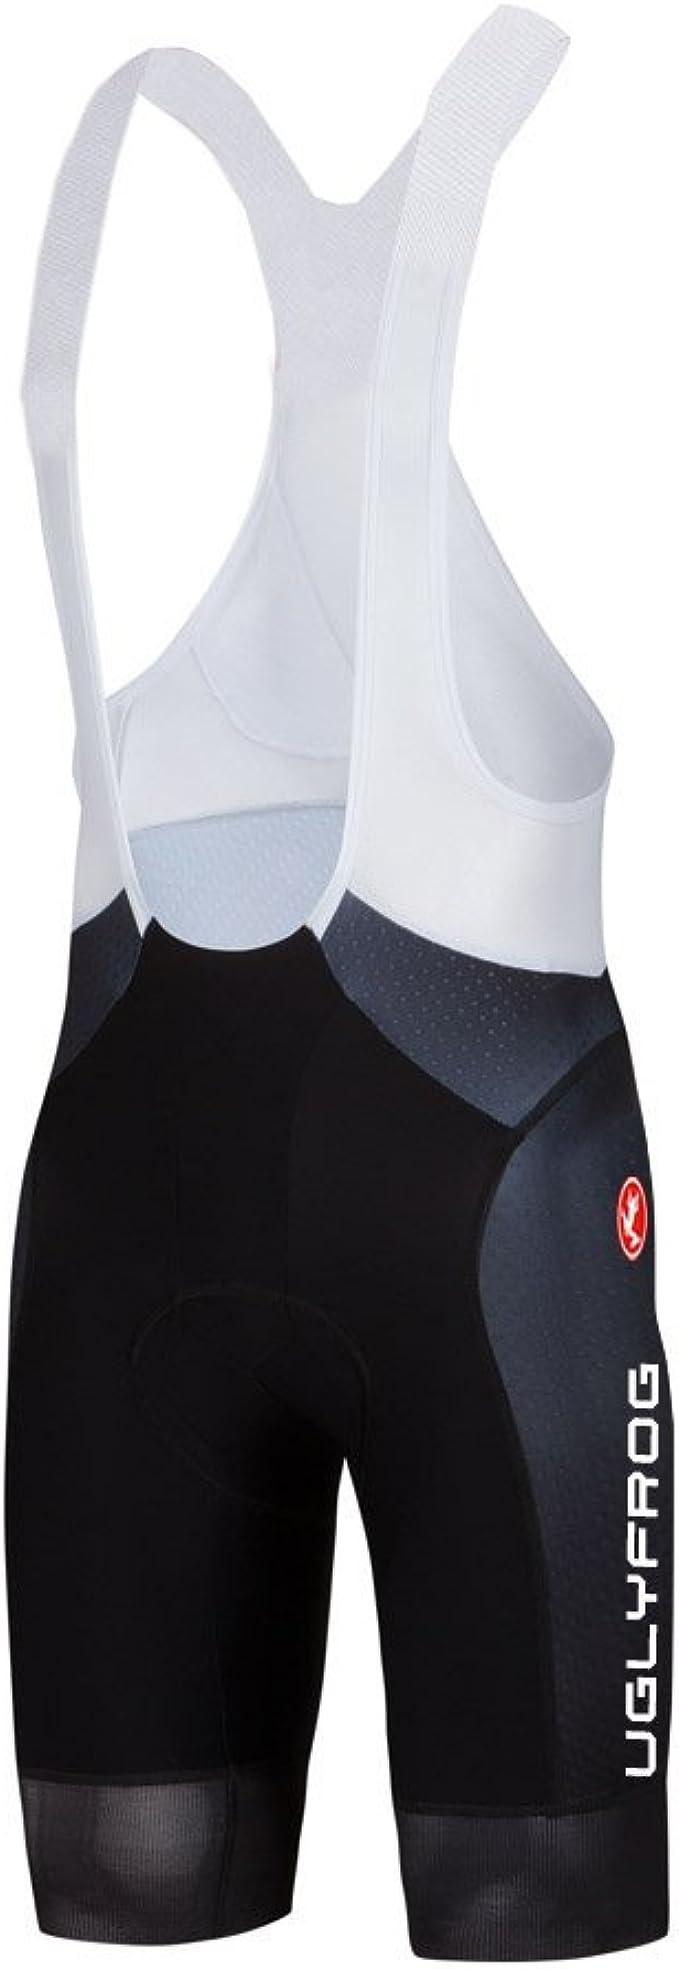 Mens Cycling Bib Shorts Bicycle Cool Max Padded Road Bike Cycling Tights Shorts